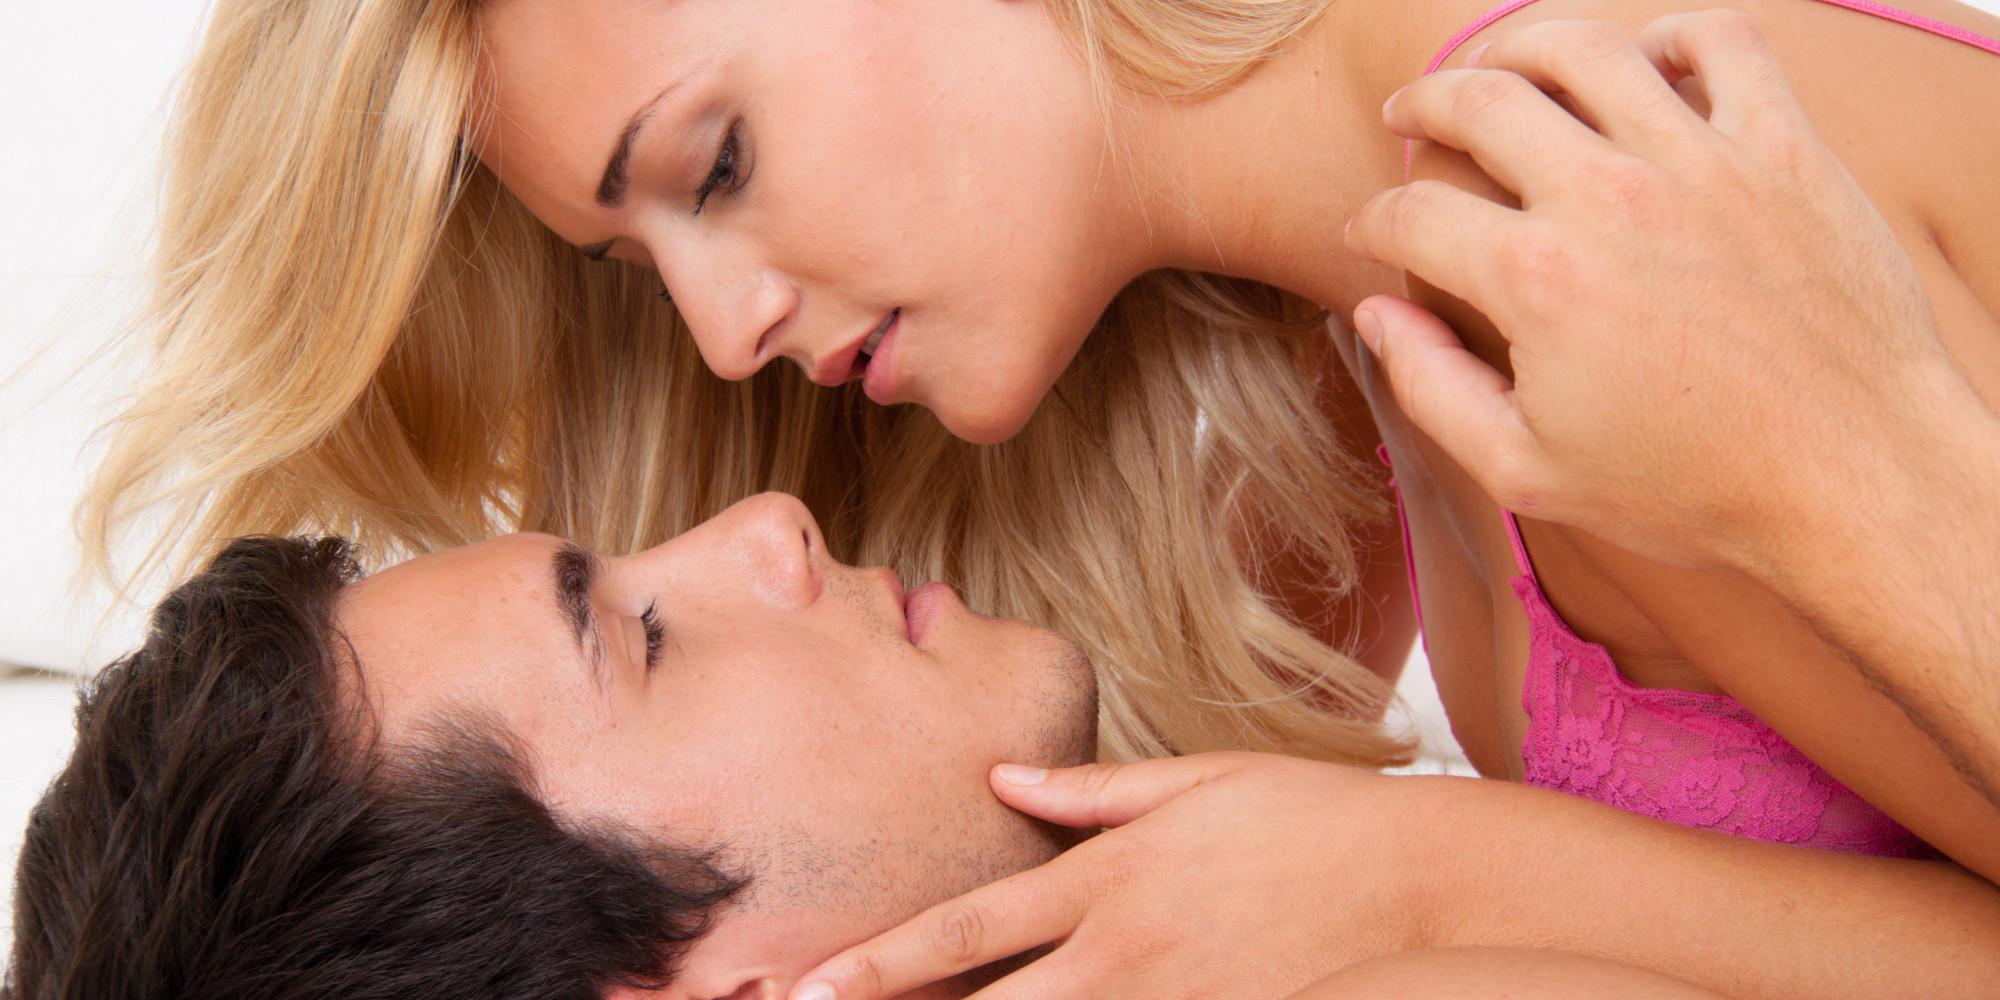 Фото парнух і секс, Порно фото девушек и женщин бесплатно! Порно, трах 19 фотография